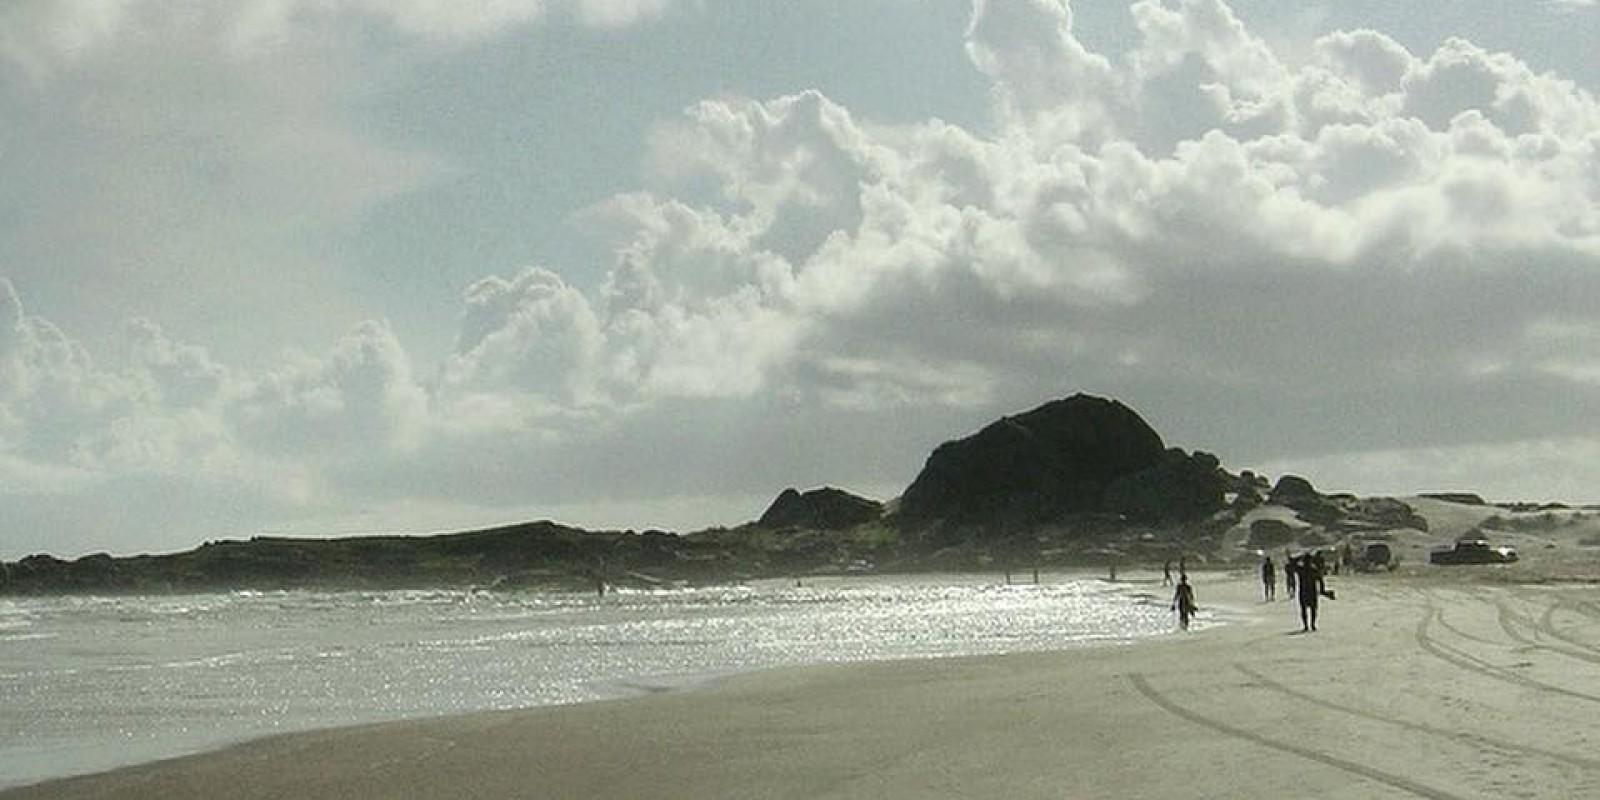 Jovem desaparece na praia do Ipuã, em Laguna